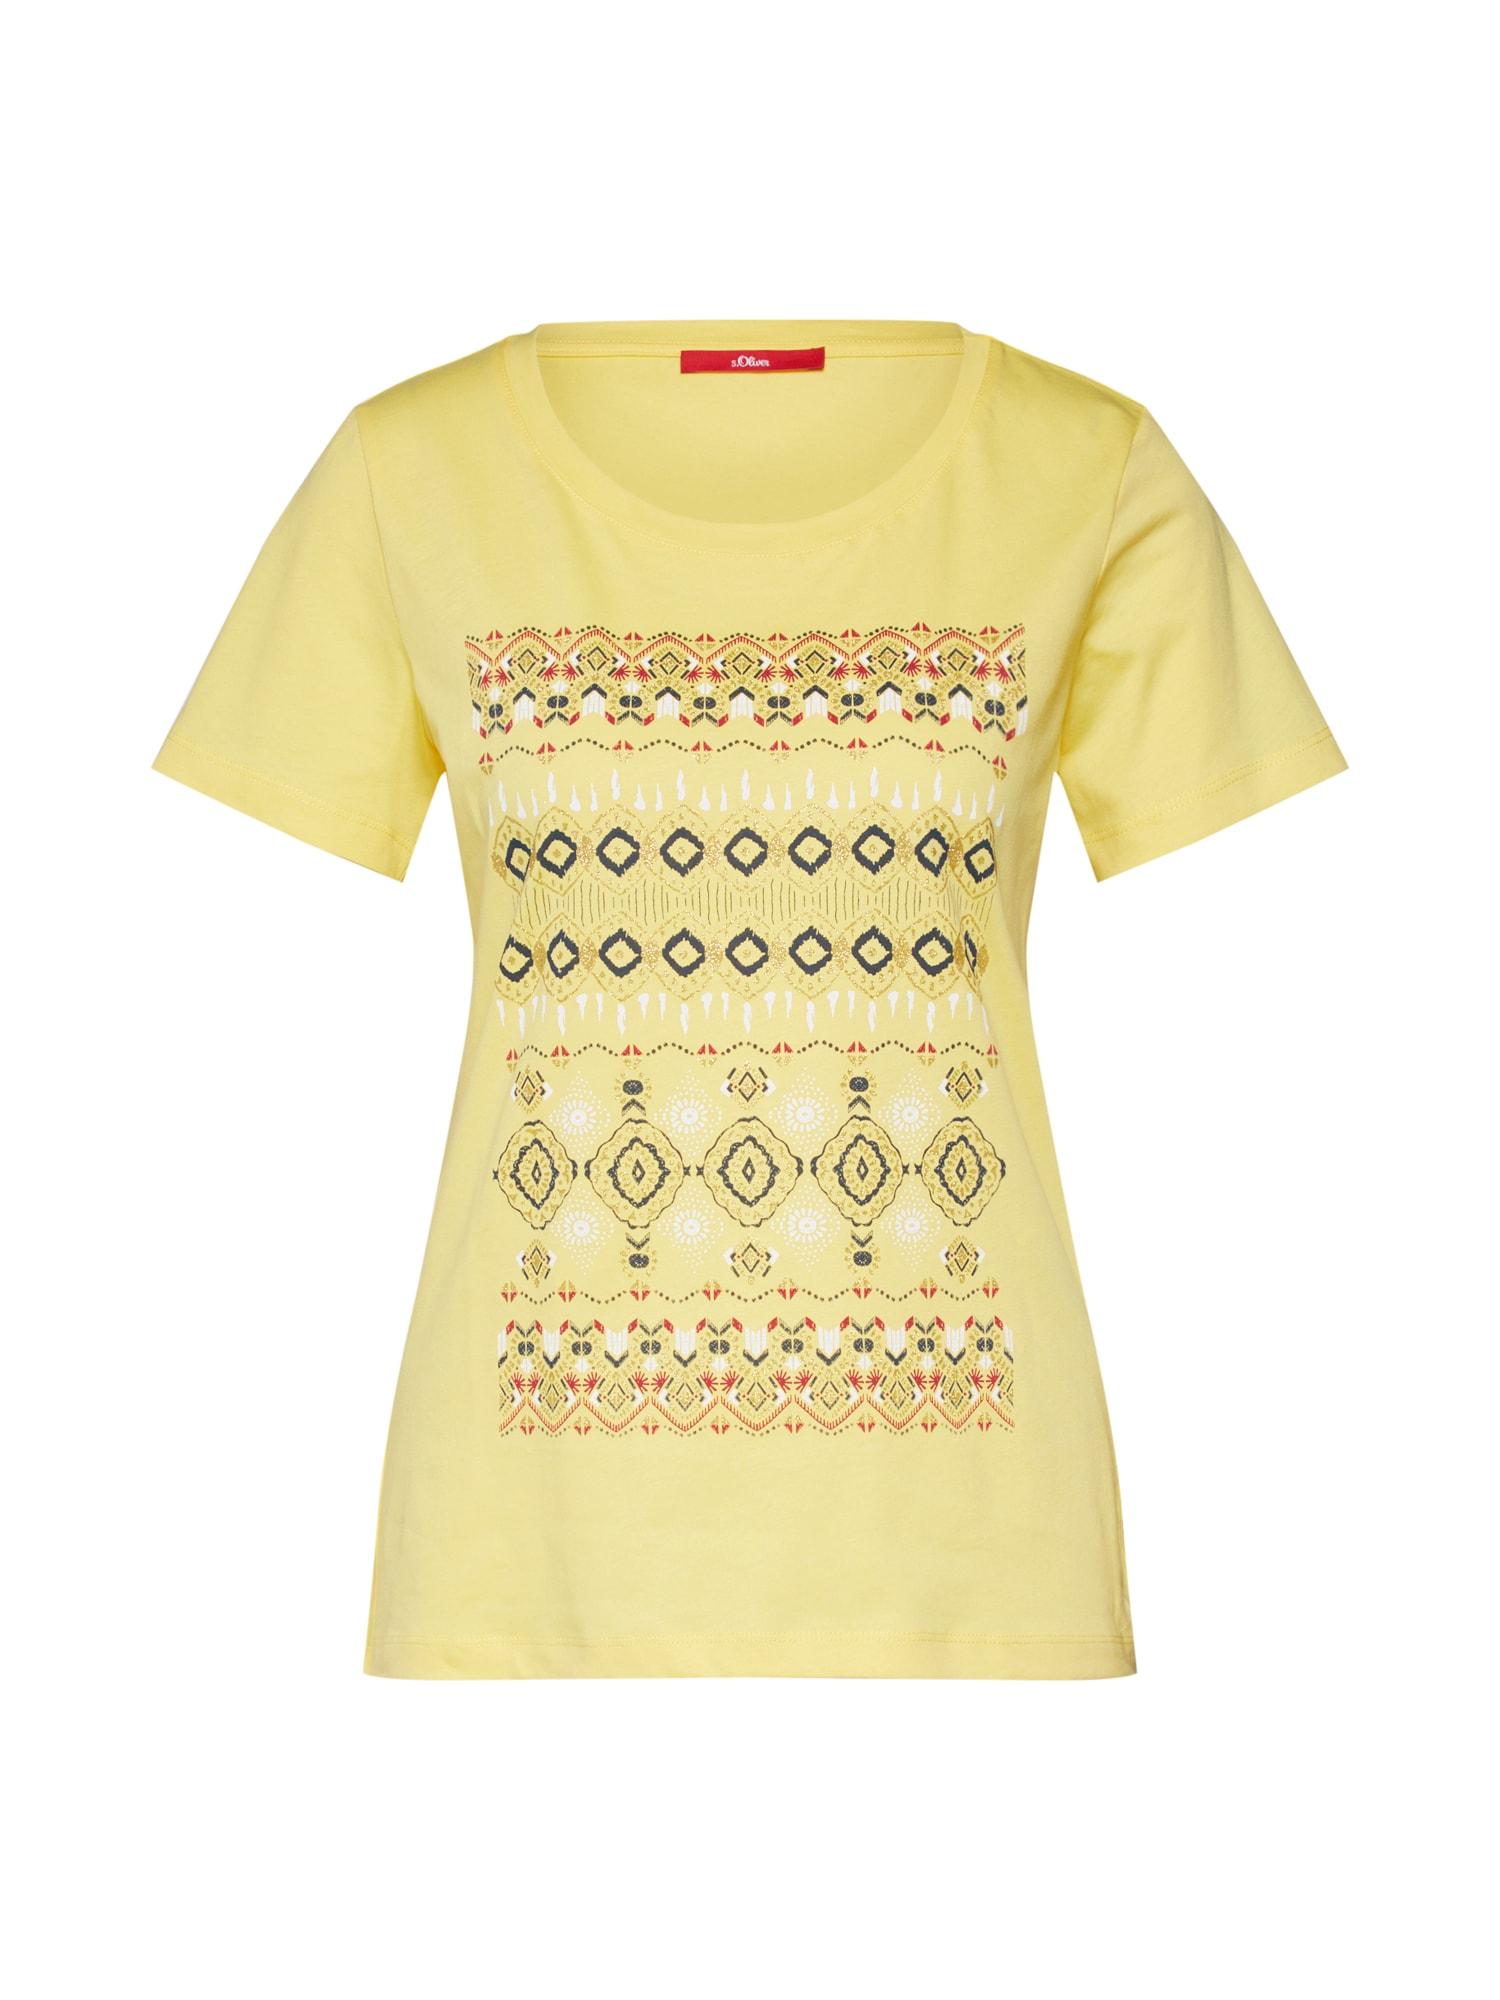 Tričko žlutá zelená mix barev S.Oliver RED LABEL